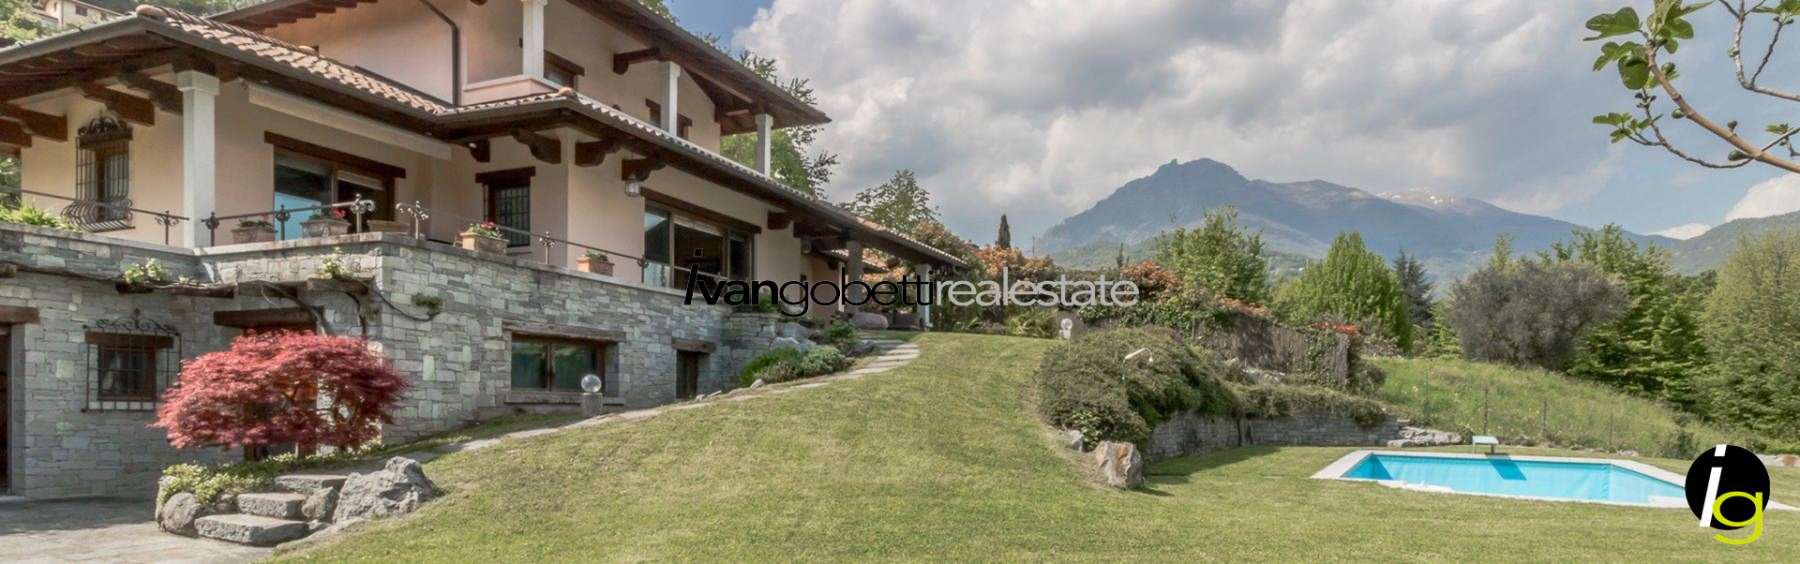 Lago di Como, Menaggio villa con piscina e vista lago in vendita